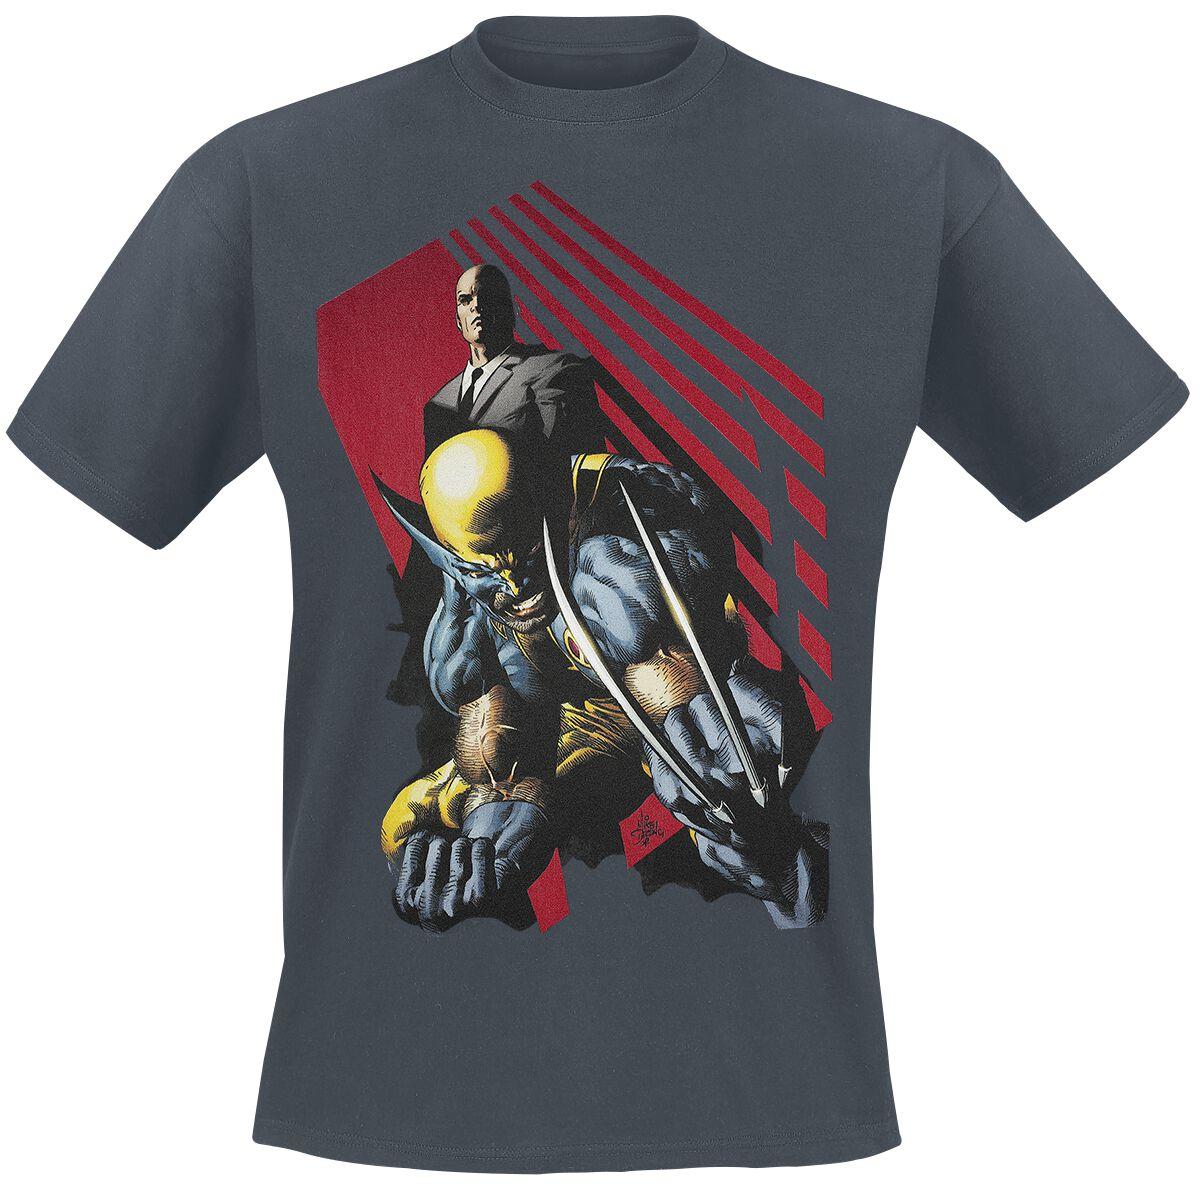 X-Men Wolverine powered by EMP